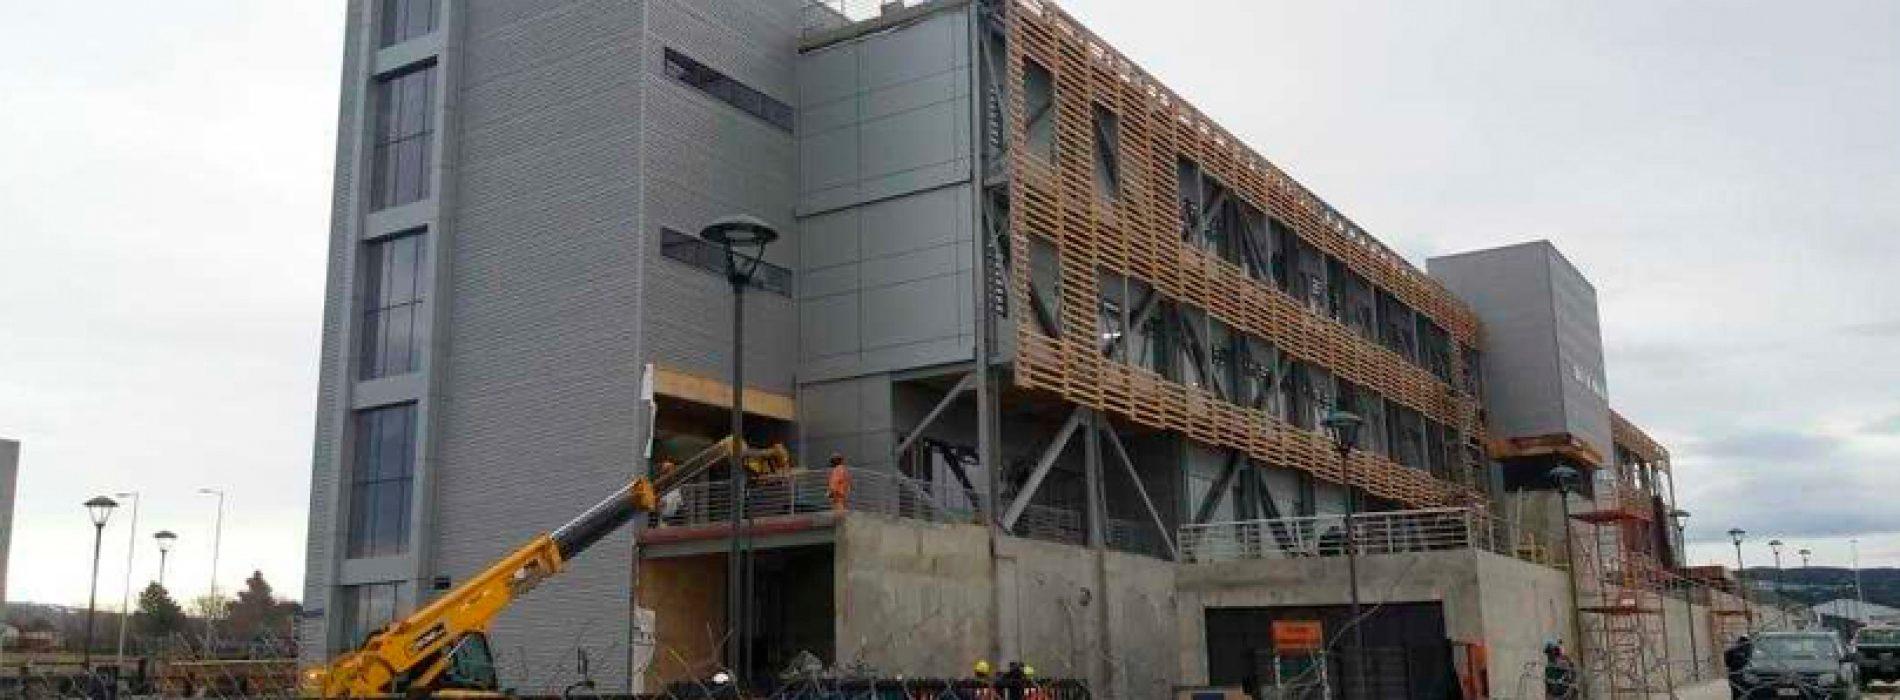 Se inaugura centro de investigación en la zona más austral del mundo